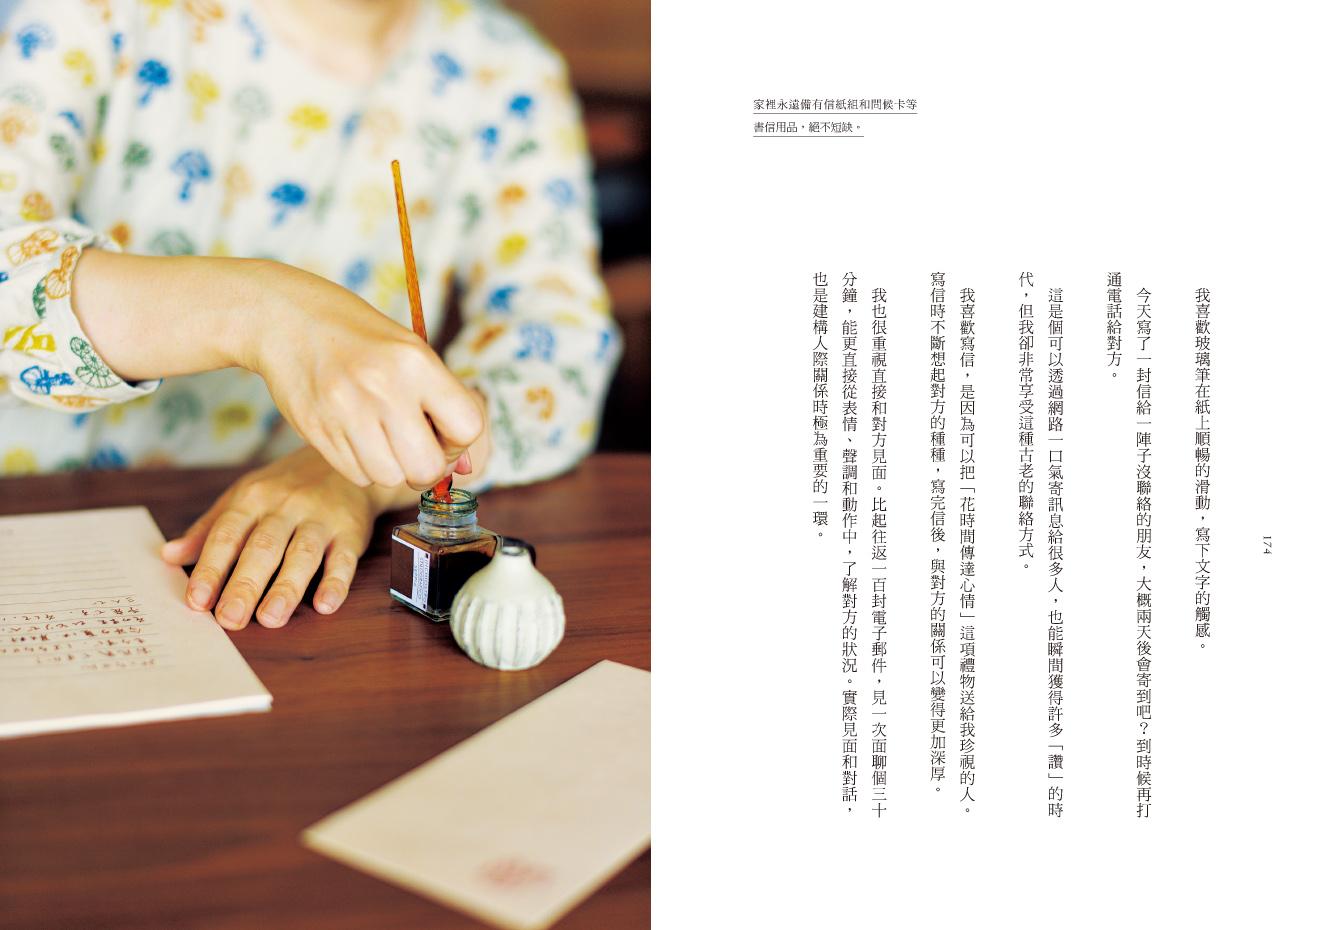 設計 的 法則 pdf